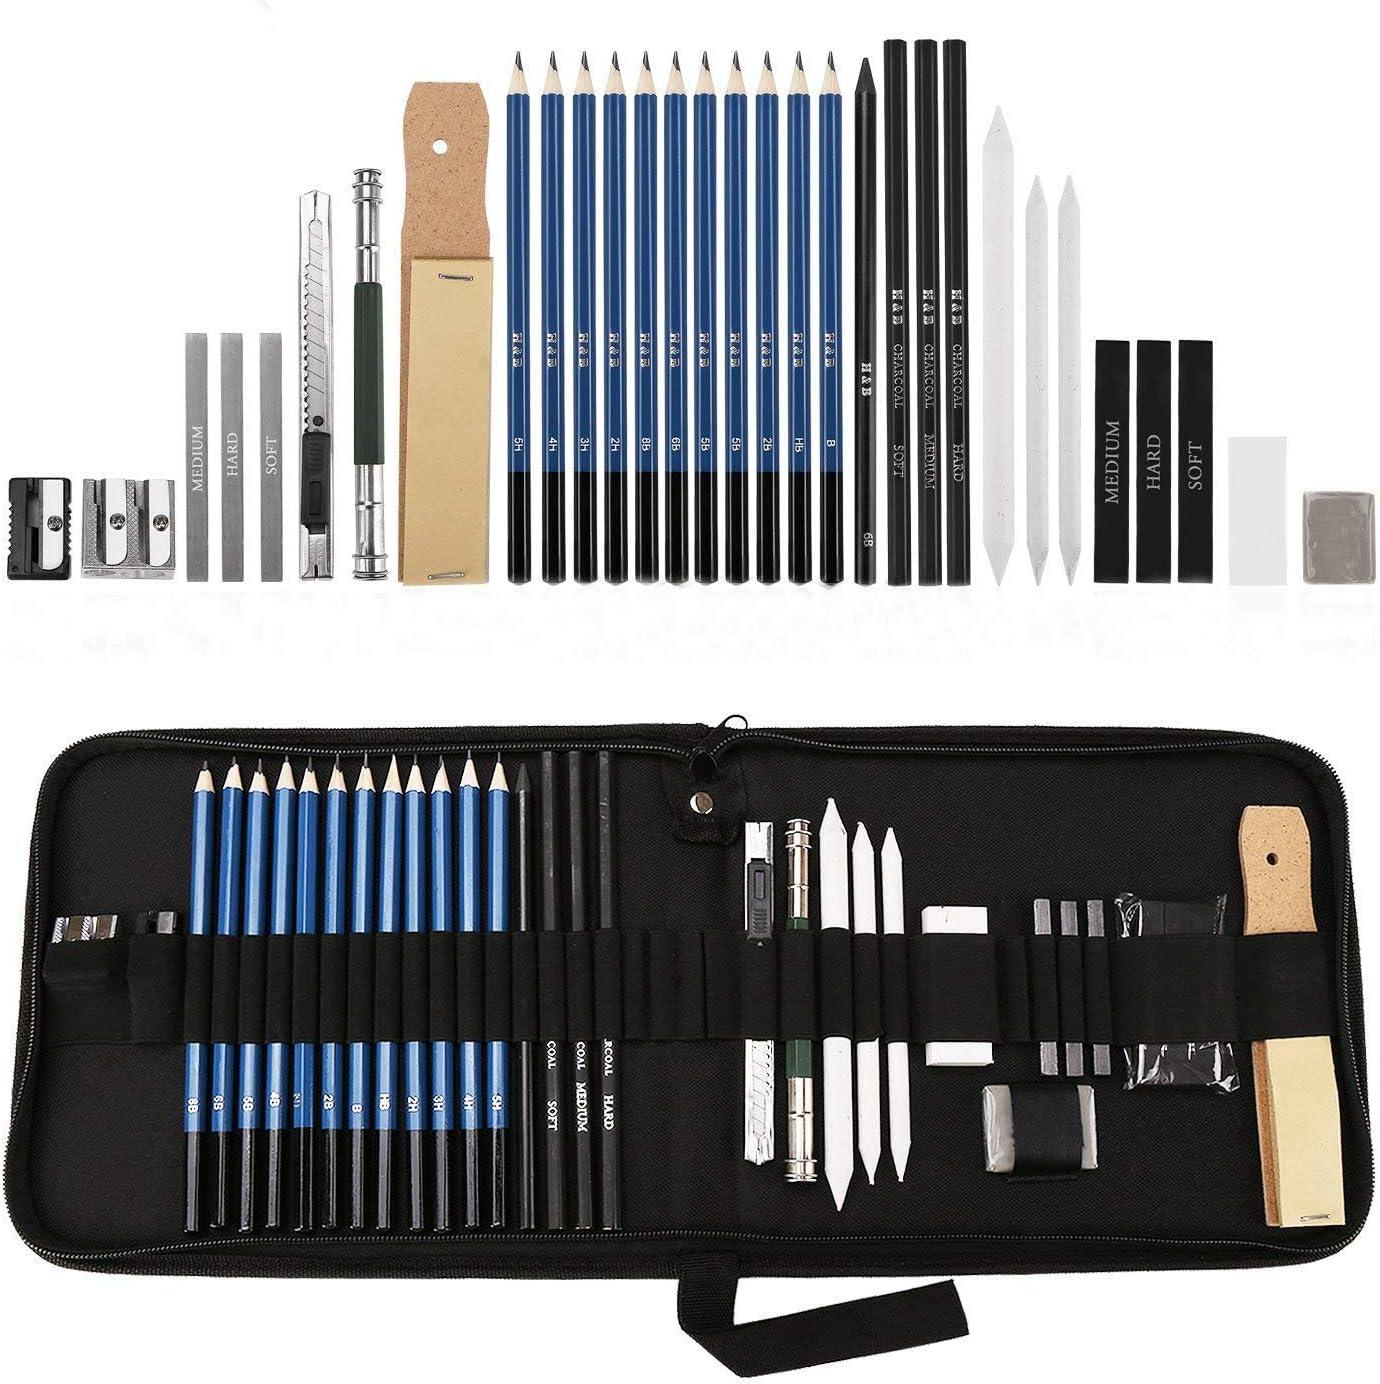 Lapices de Dibujo Artístico, Lypumso Set de Lápices Profesional del Artista y Bosquejo Carbón Grafito Sticks, Lápices de Madera, para Artista Principiante Niños (32-pcs)